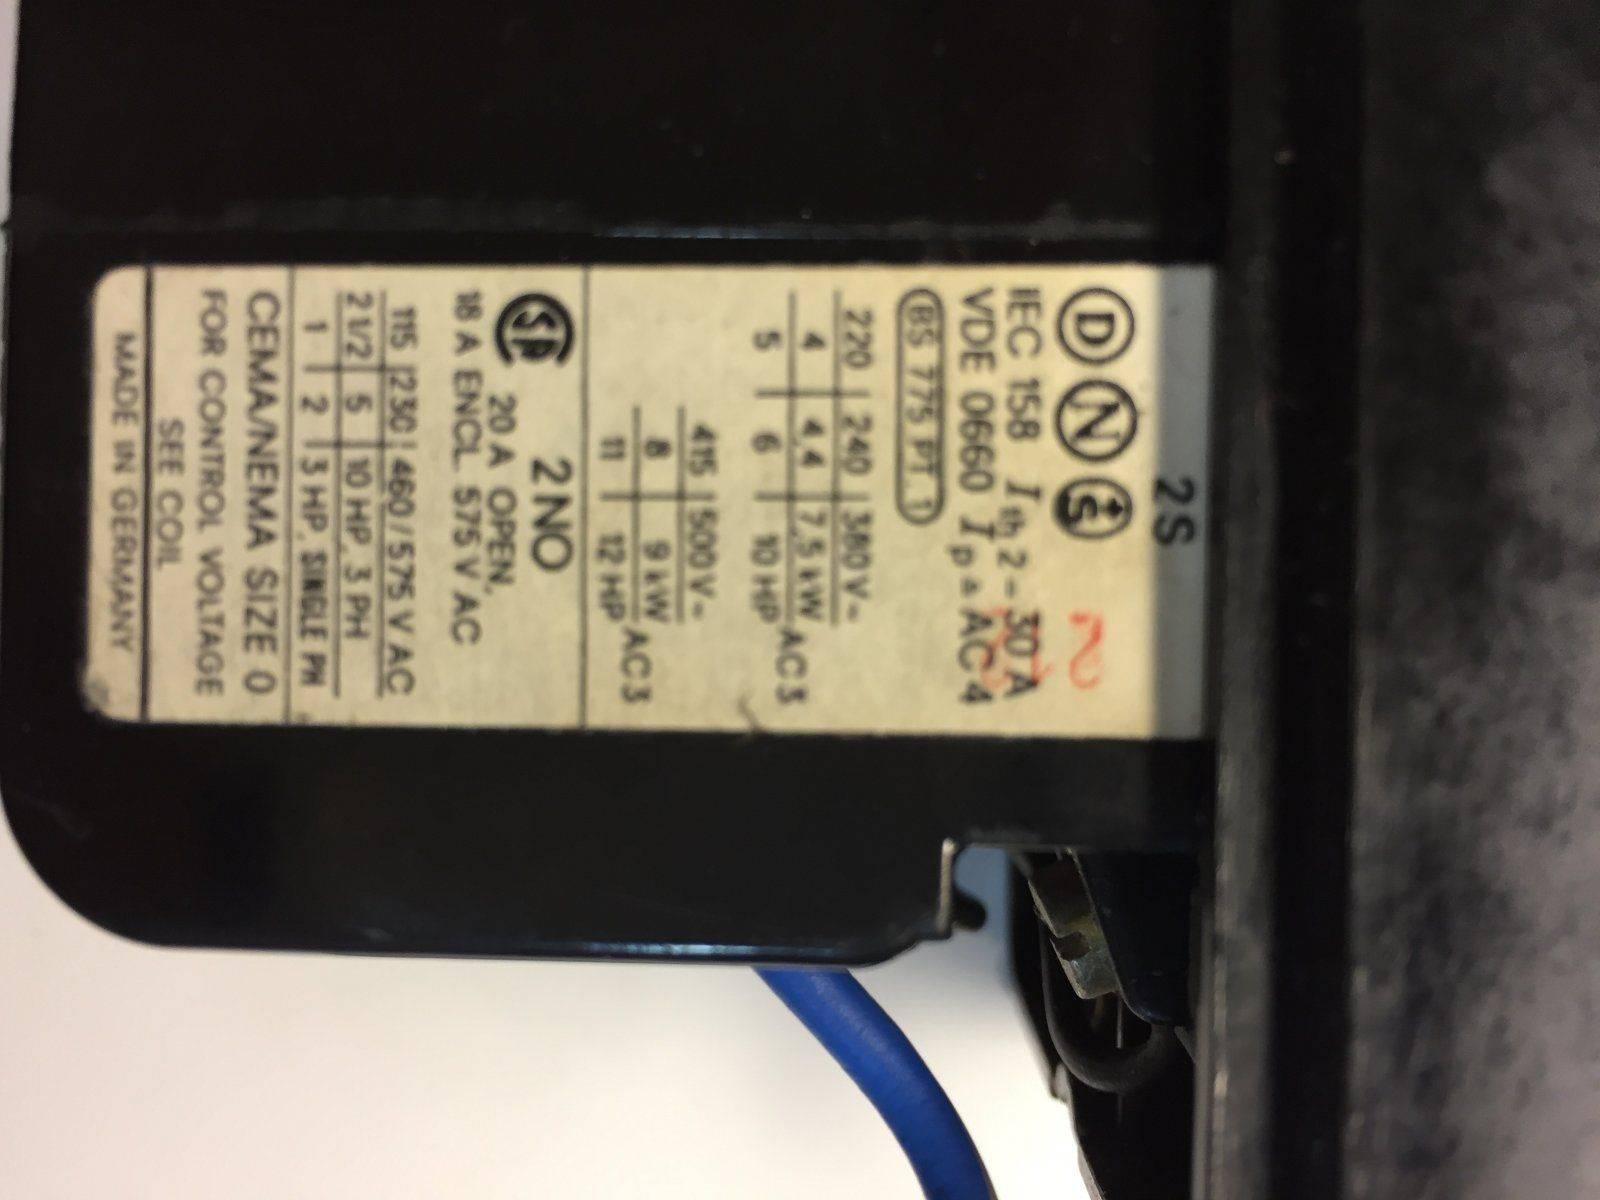 2D80DAB1-37EC-4162-B49D-3E67C16565EA.jpeg